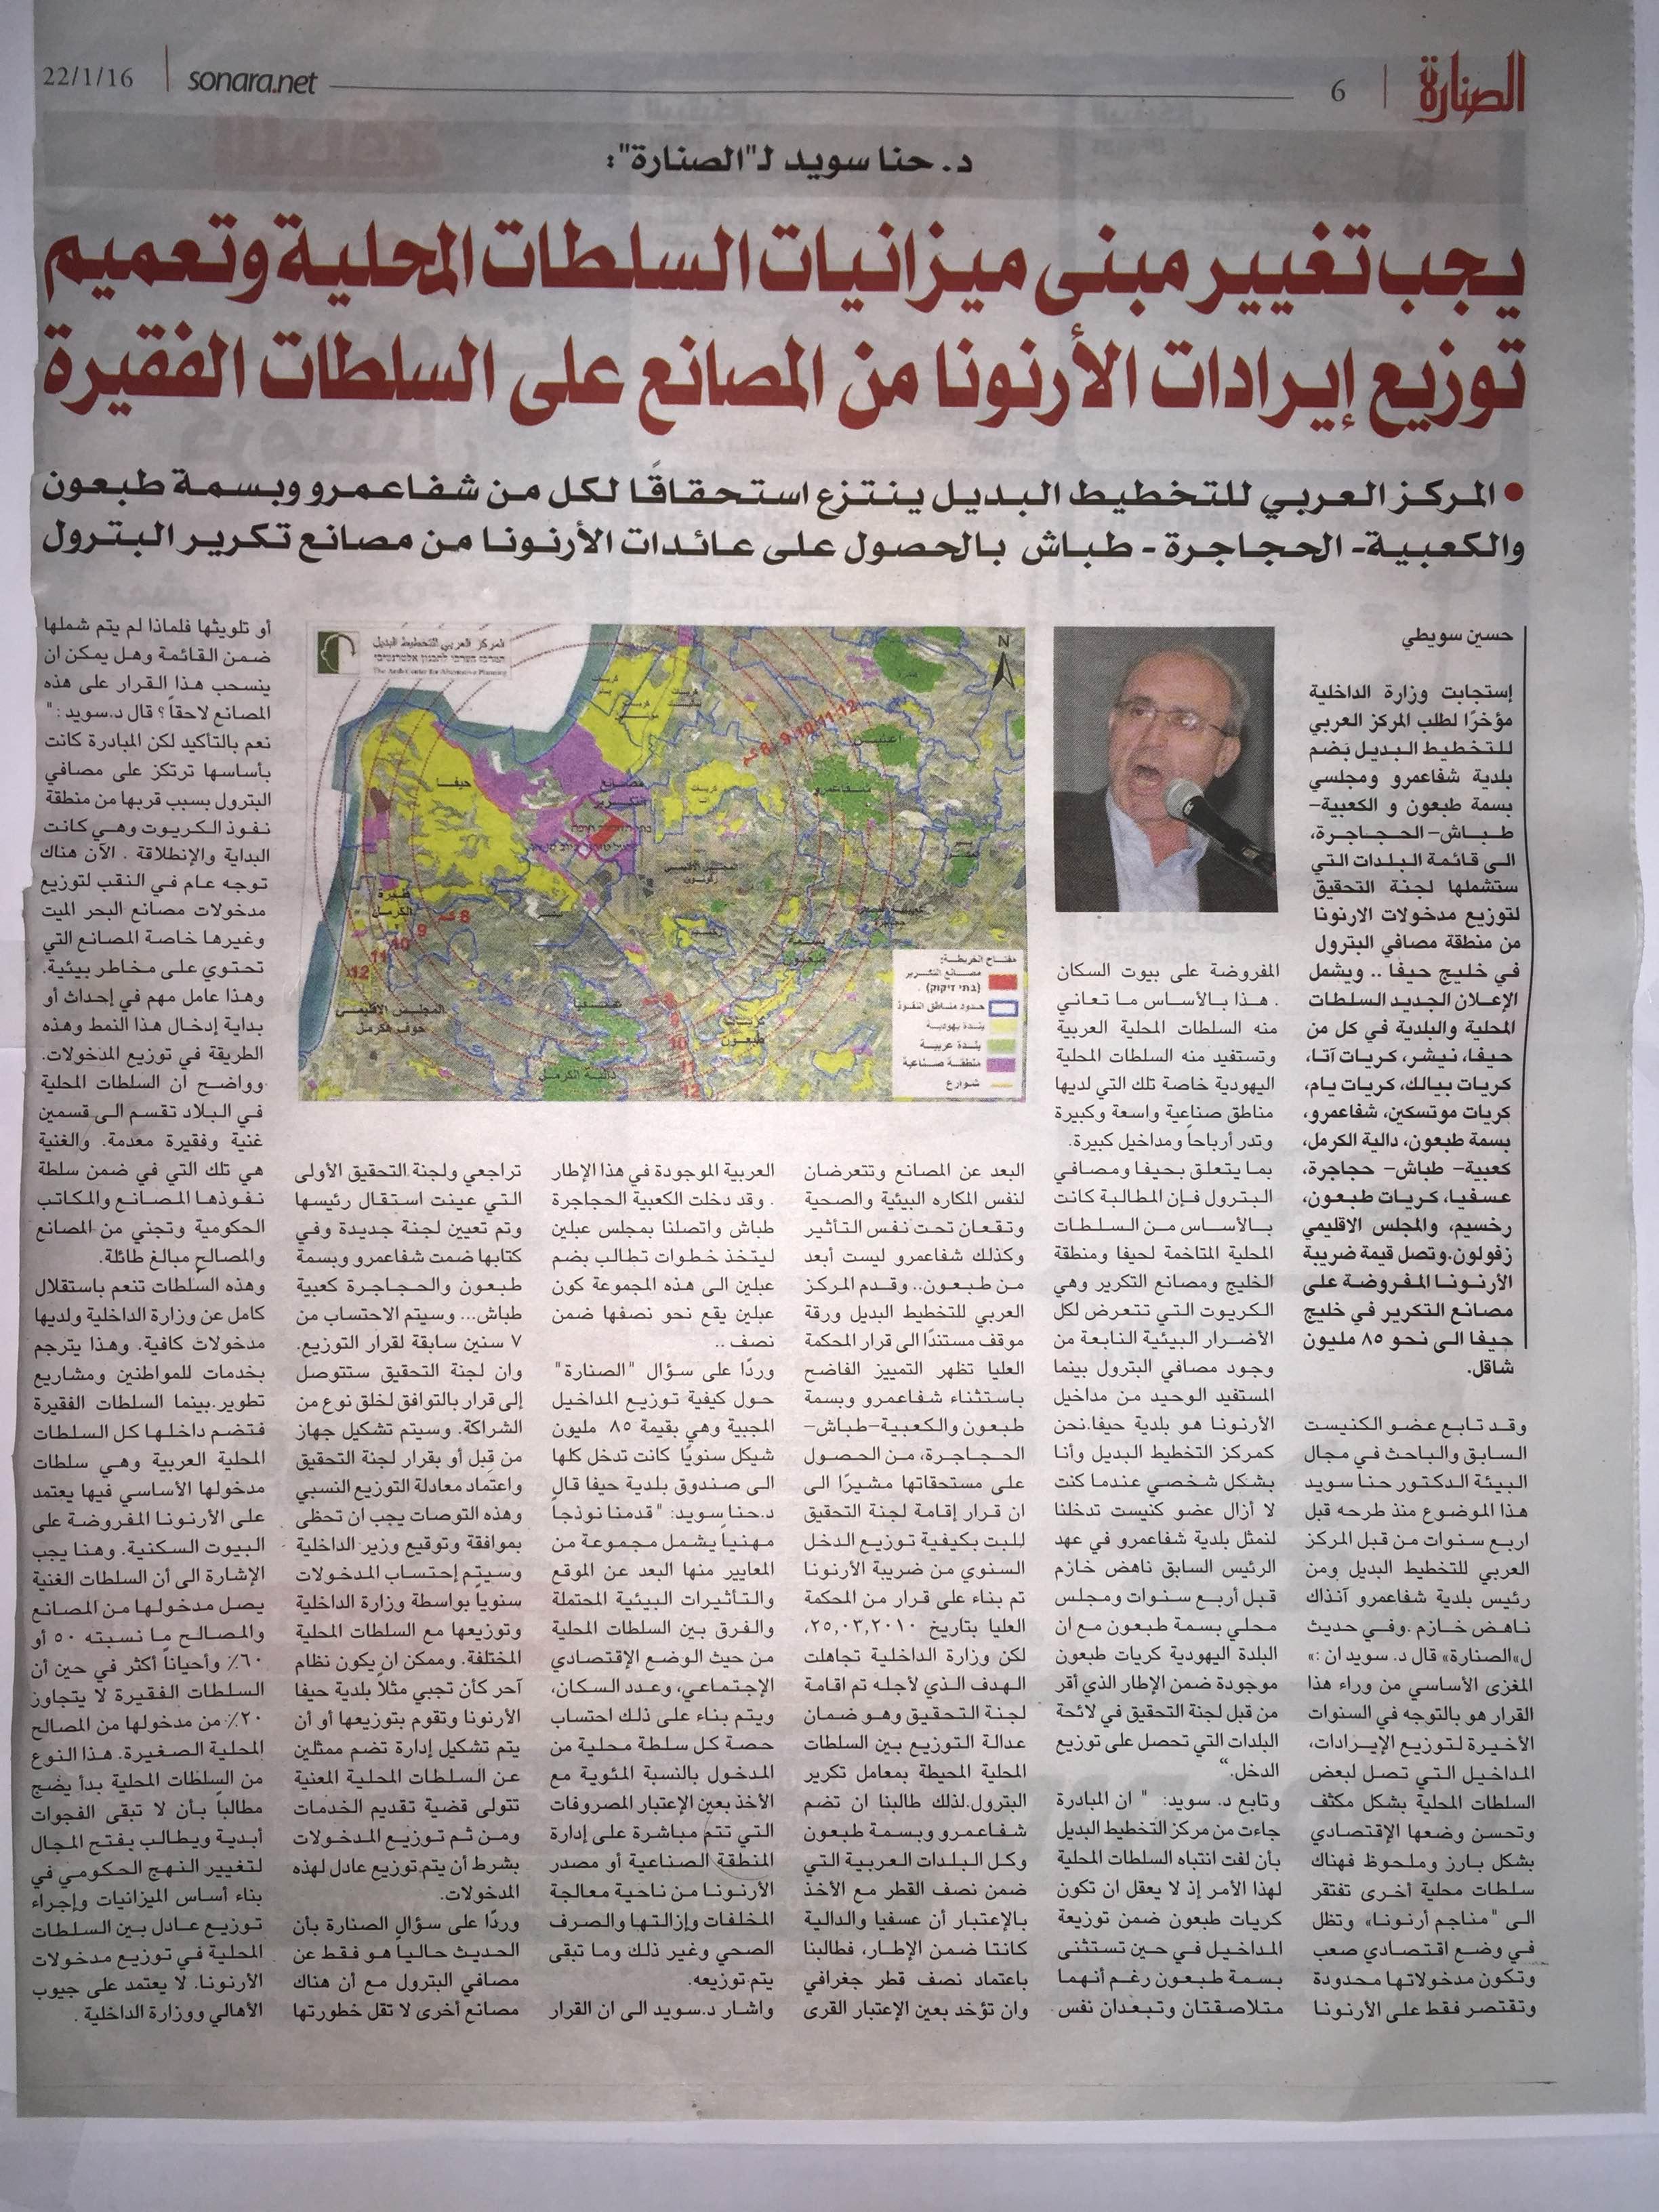 د. حنا سويد:  يجب توزيع ايرادات الارنونة من المصانع على السلطات الفقيرة